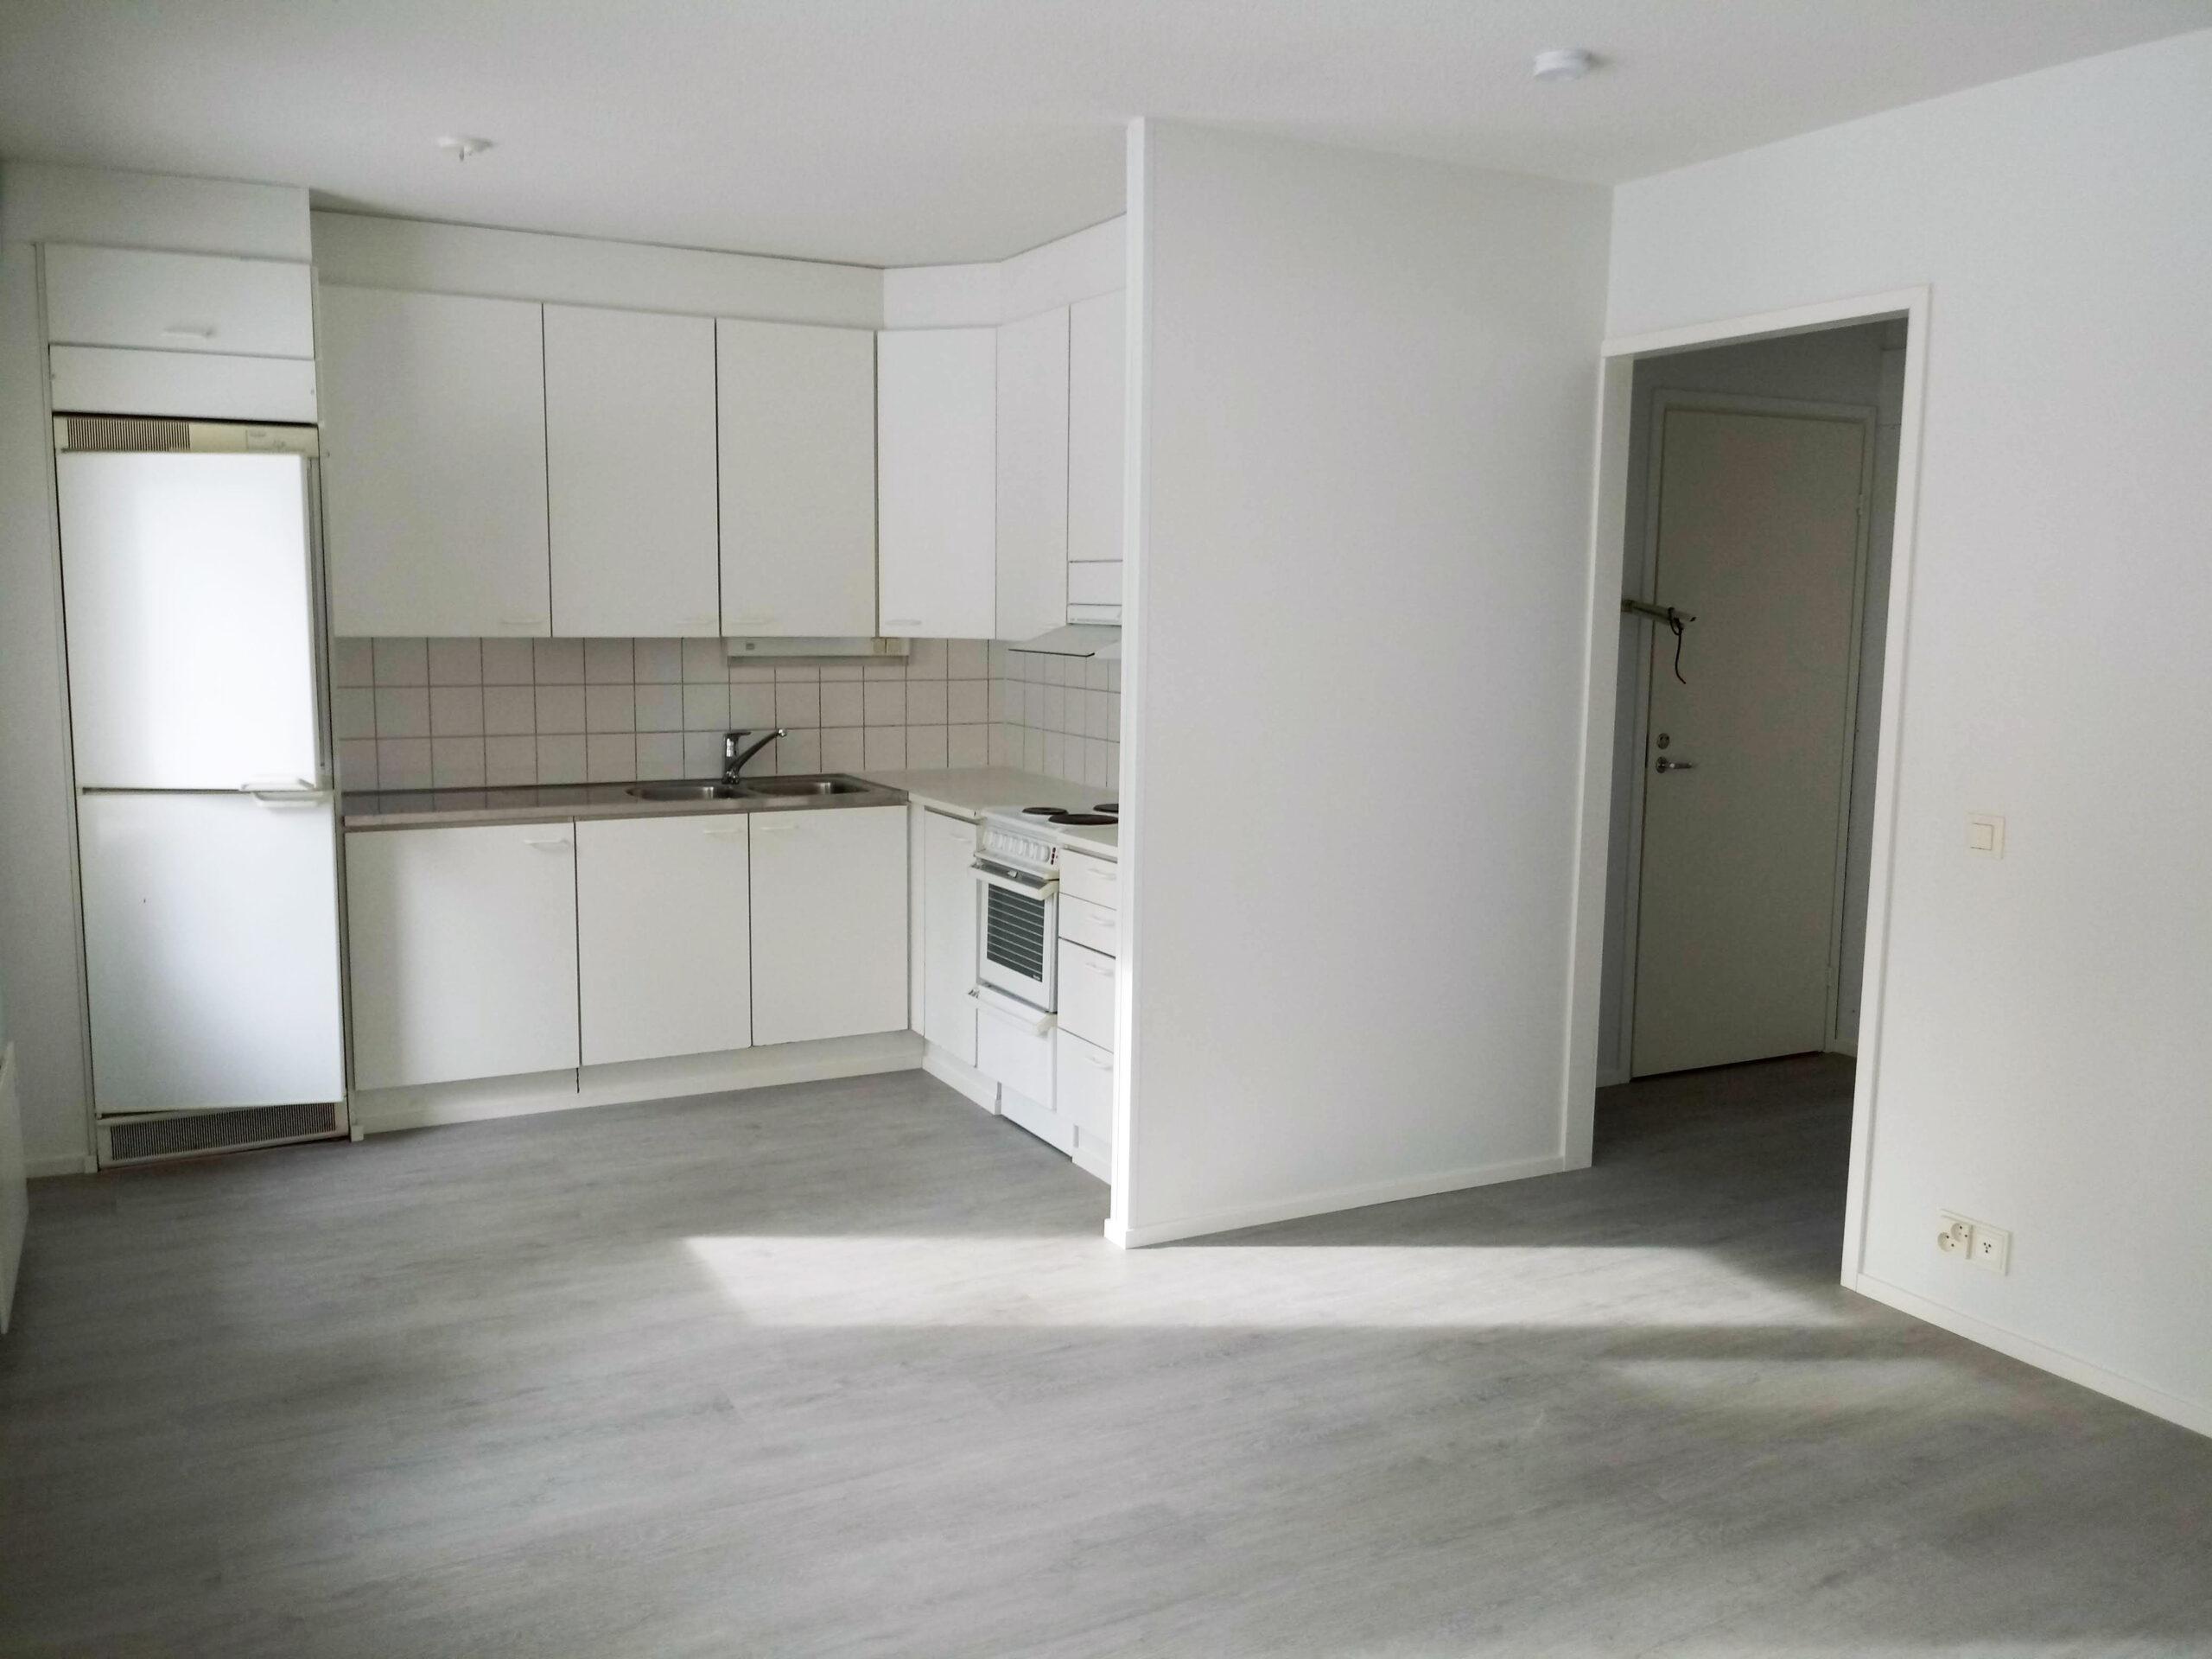 Kuvassa keittiö ja olohuone remontin jälkeen. Lattia on vaihdettu ja seinät tasoitettu ja maalattu.